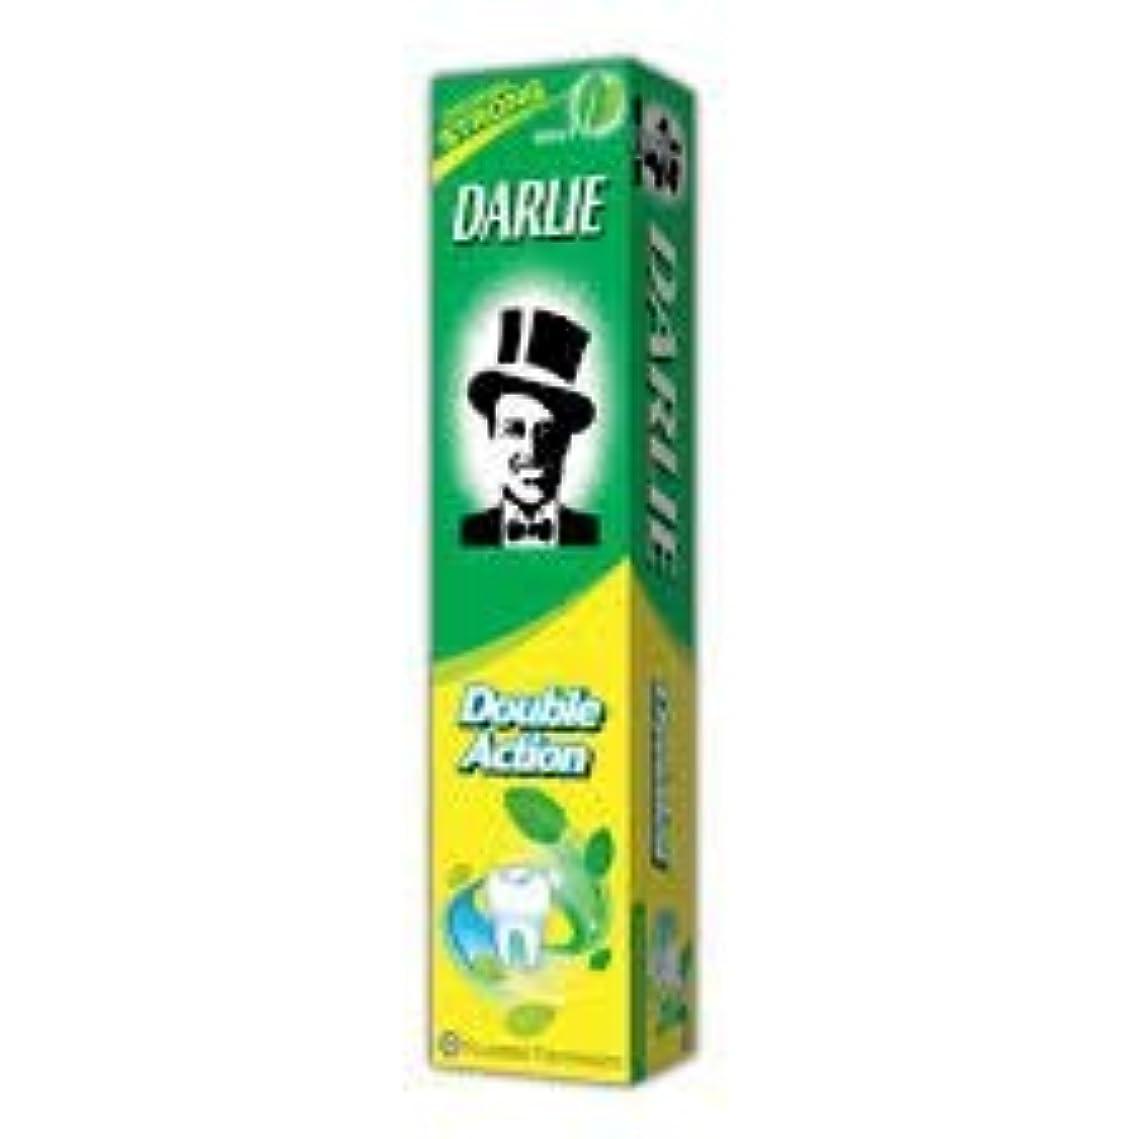 等価新鮮なことわざDARLIE 歯磨き粉ジャンボ 250g-12 時間のためのより長く持続する新鮮な息を与える-効果的に経口細菌を減少させます